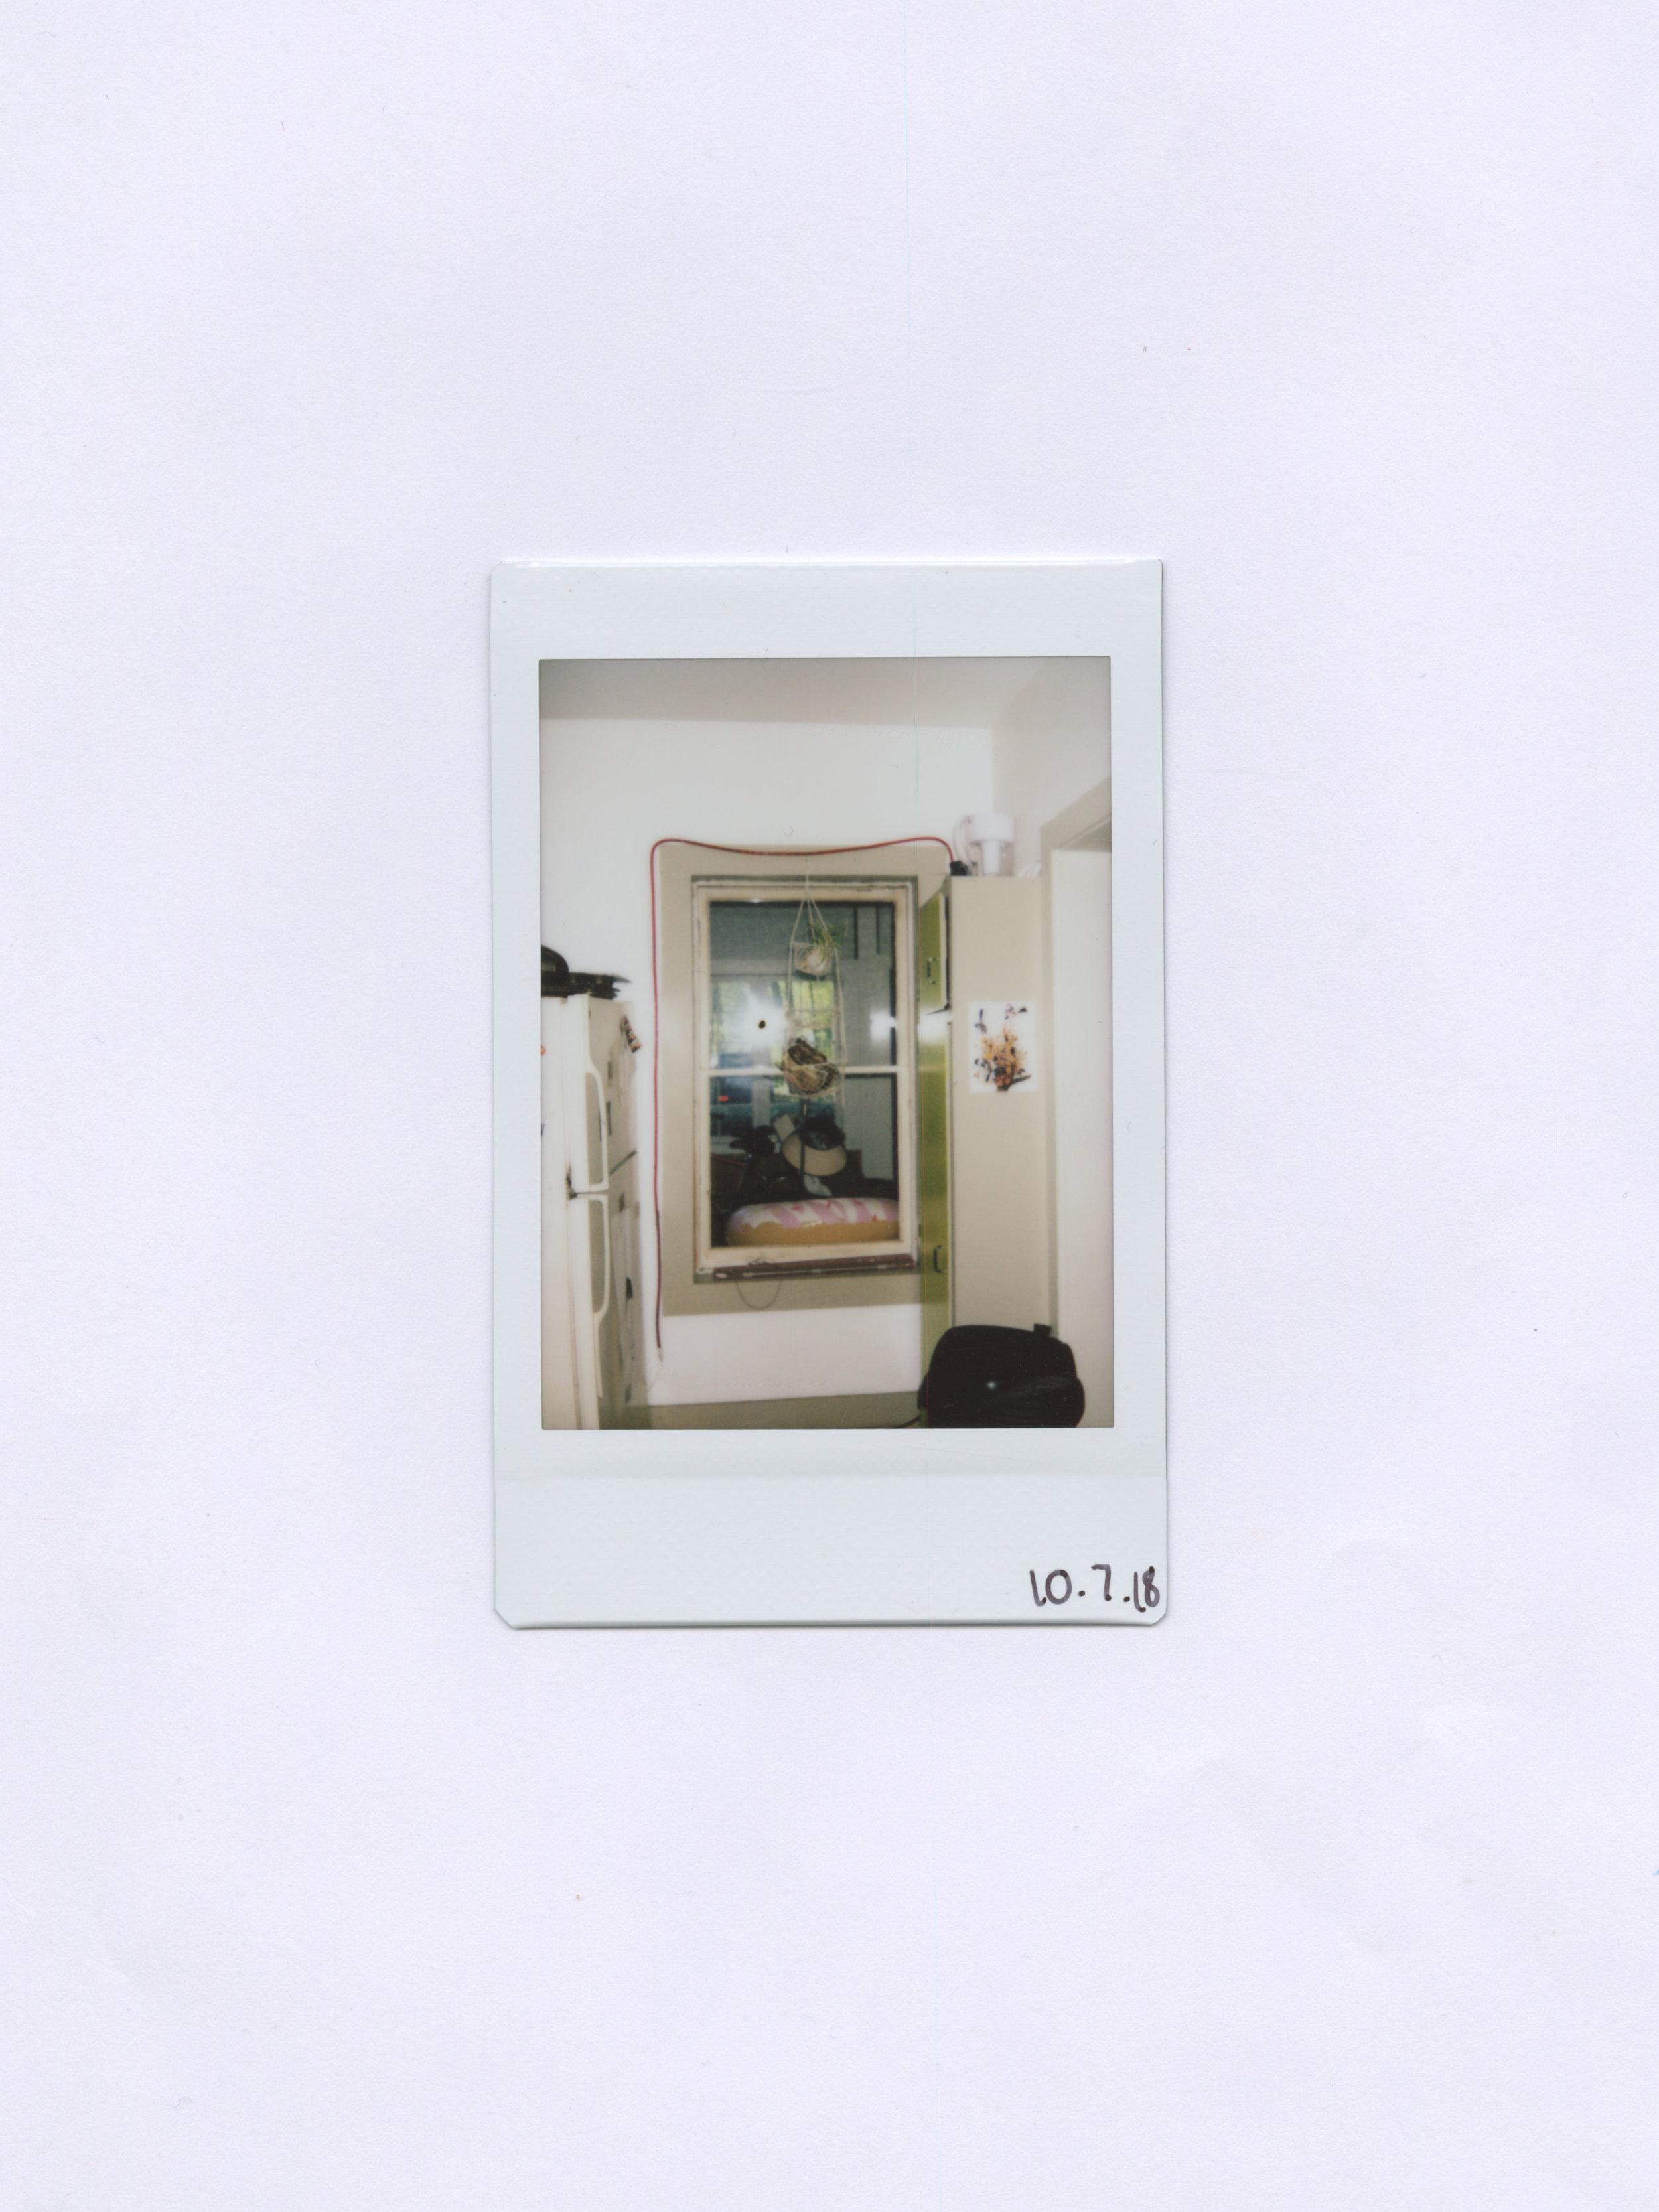 10.7.18.jpg